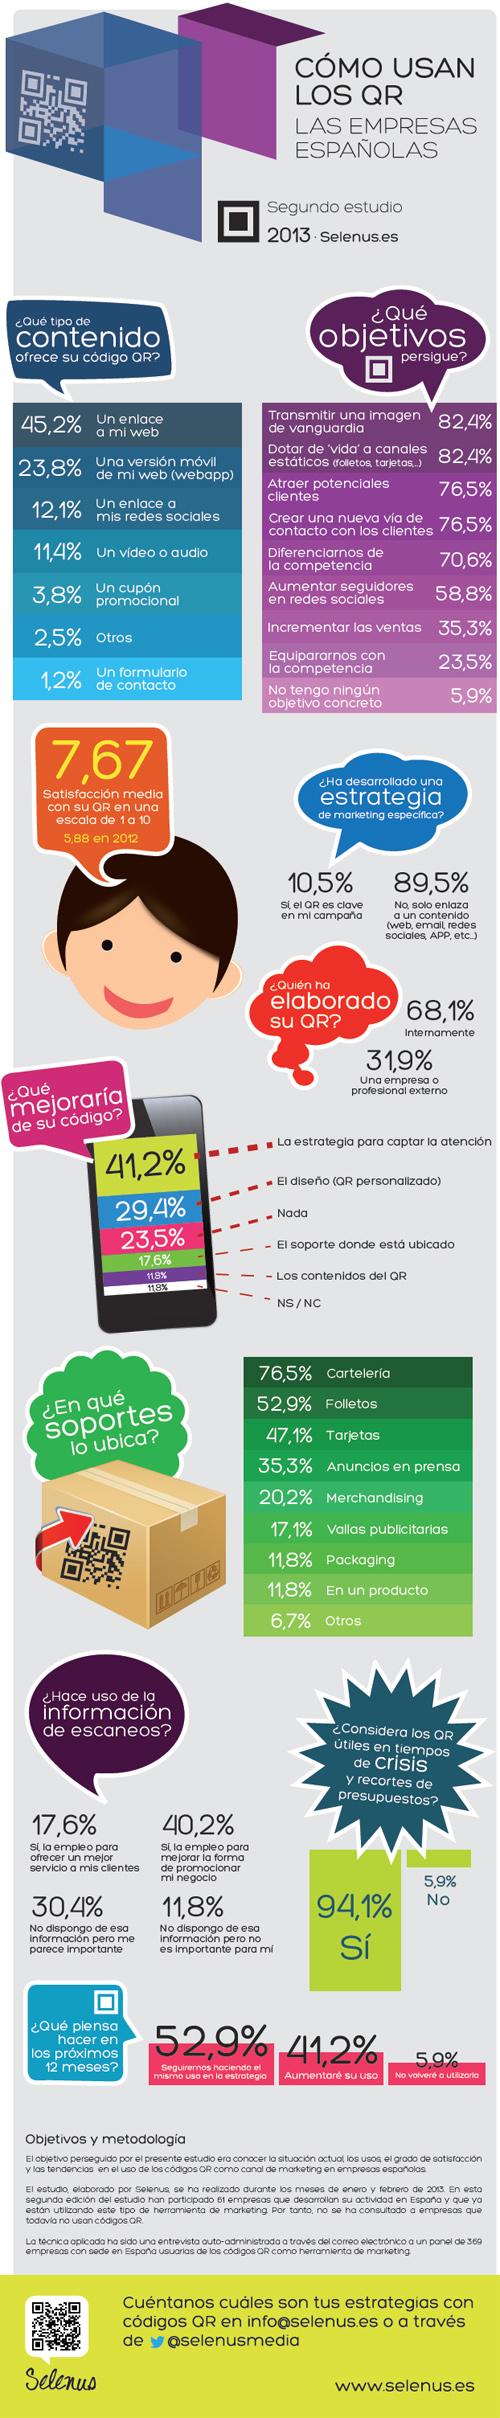 Cómo usan las empresas españolas los códigos QR